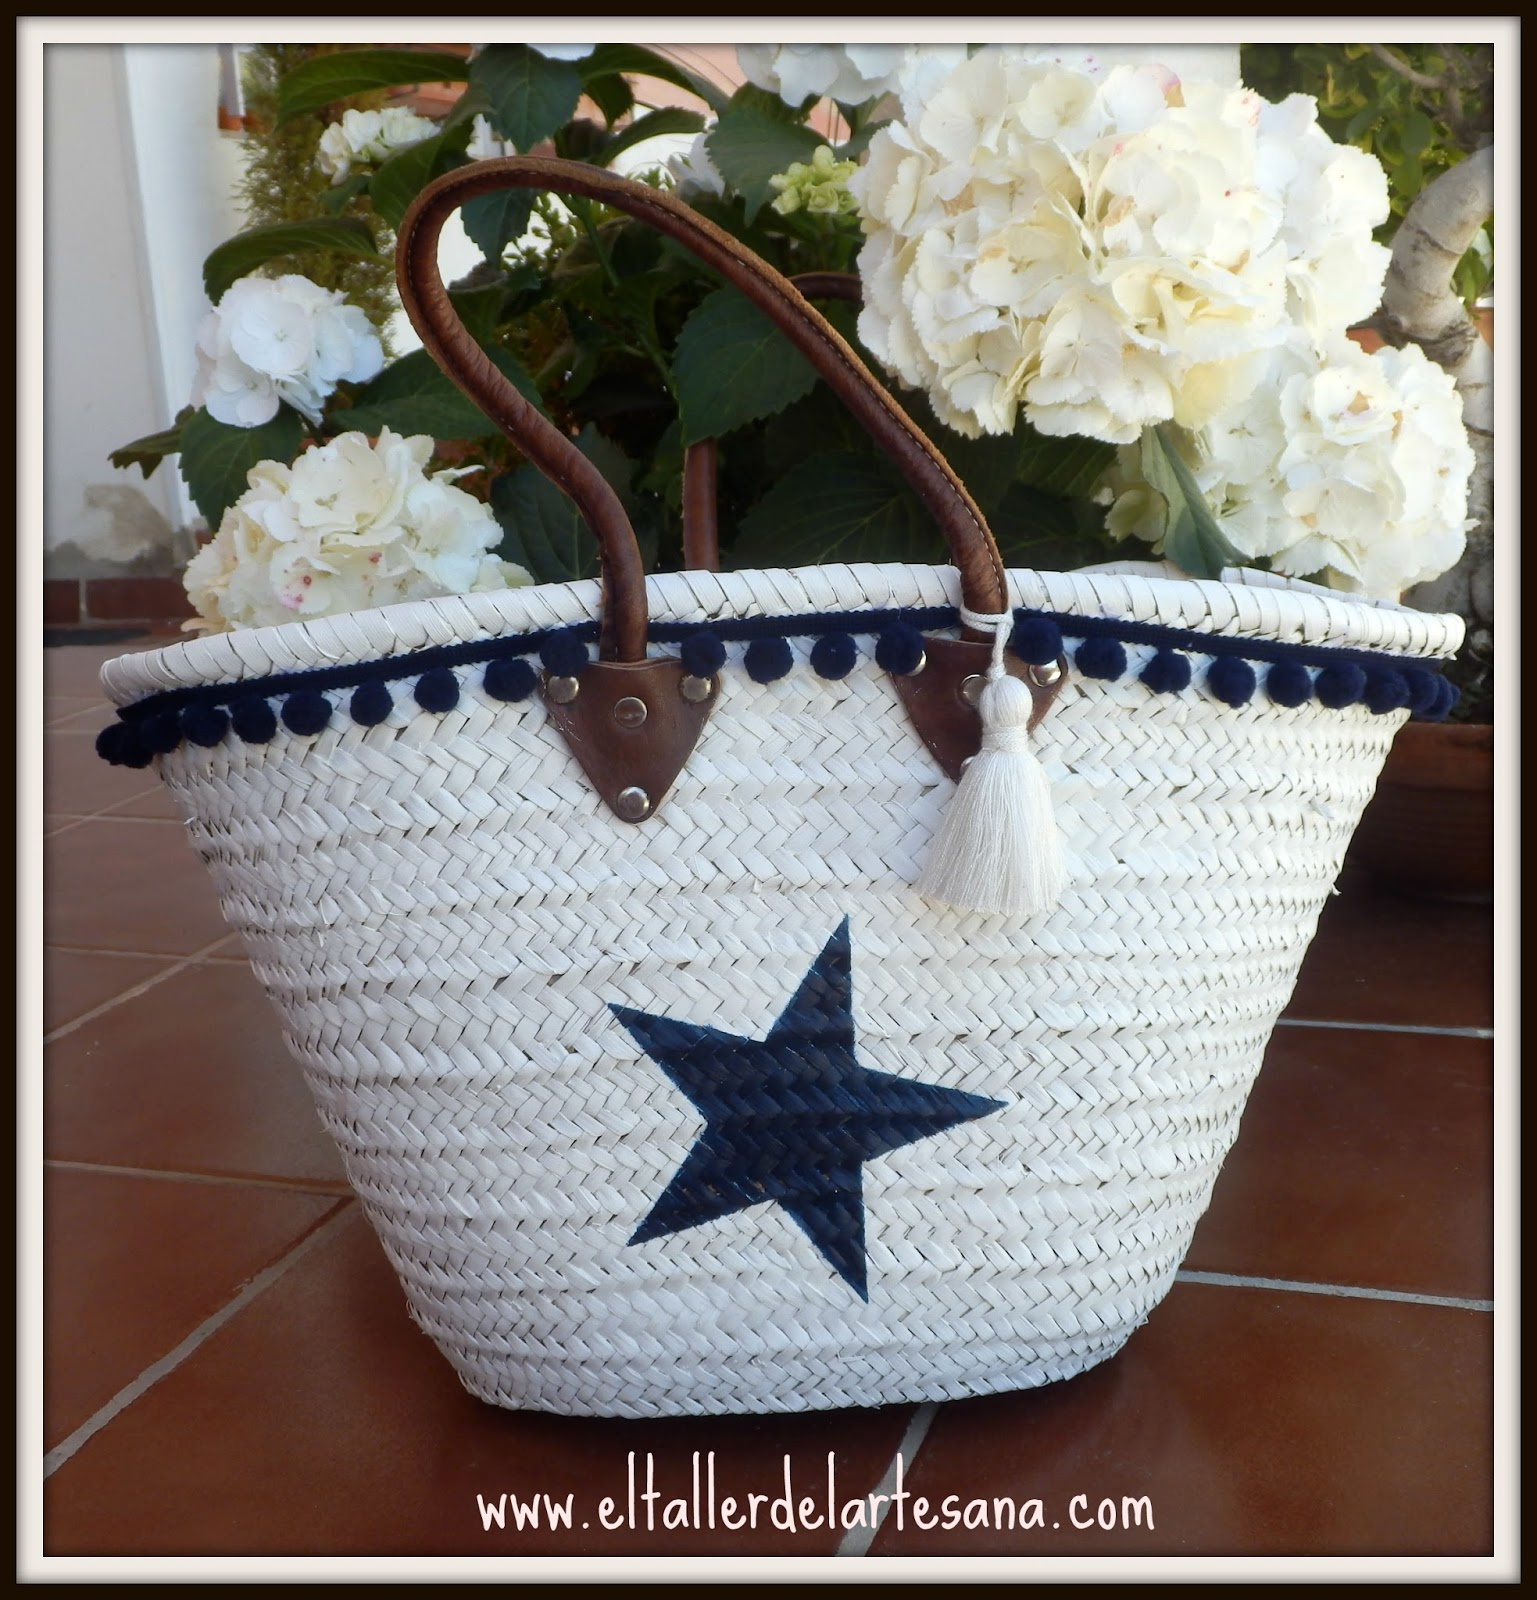 El taller de la artesana los capazos son para el verano - Decorar cestas de mimbre paso a paso ...